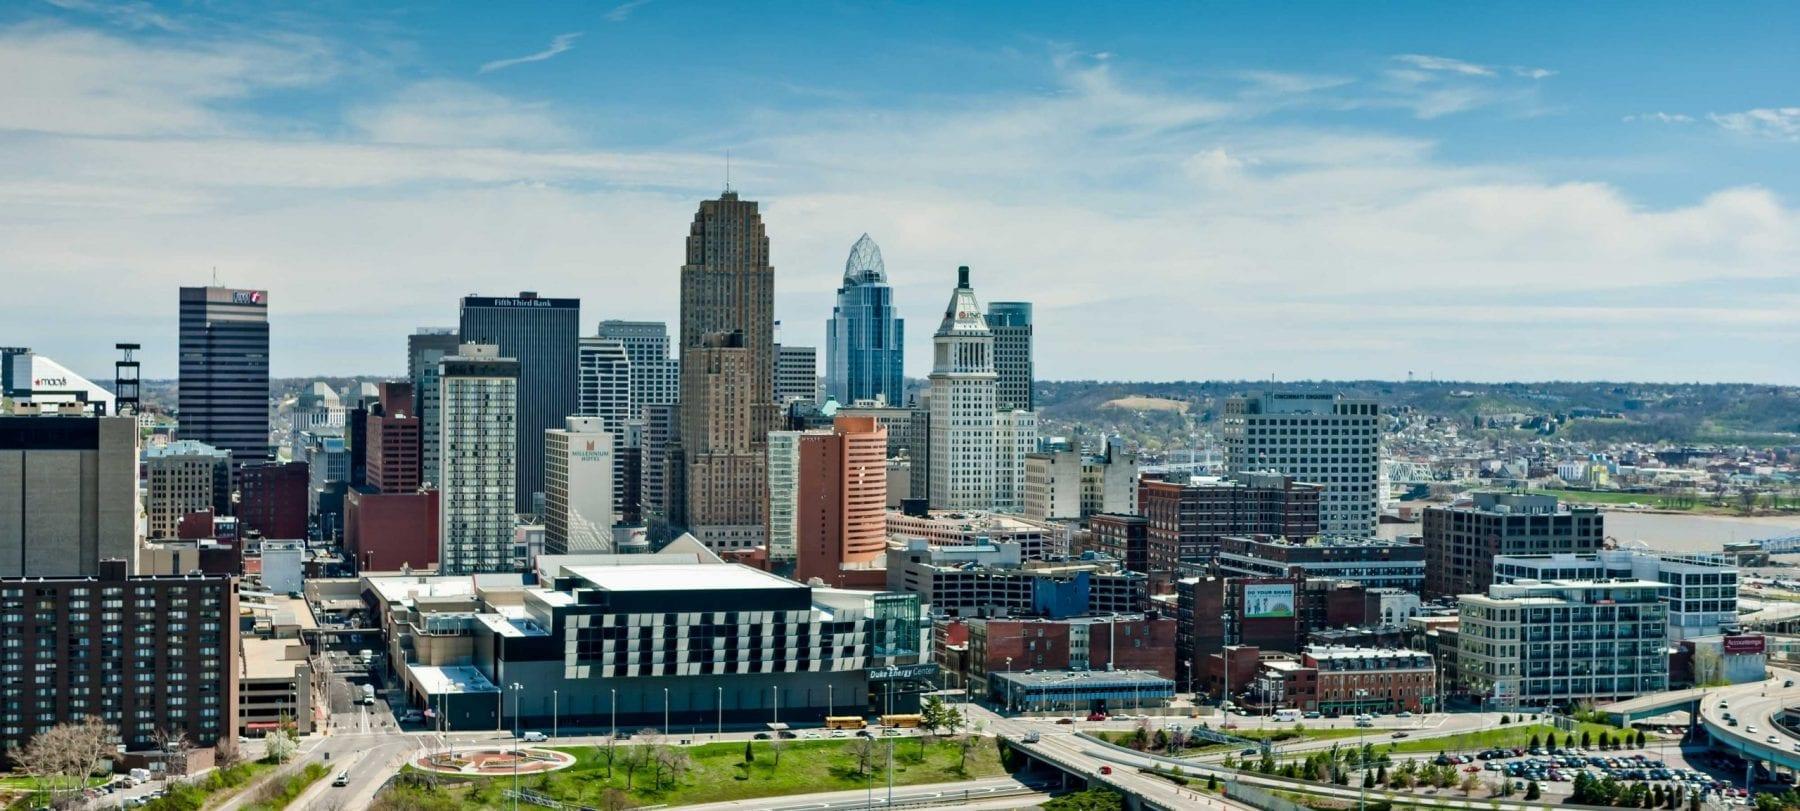 Cincinnati,Ohio